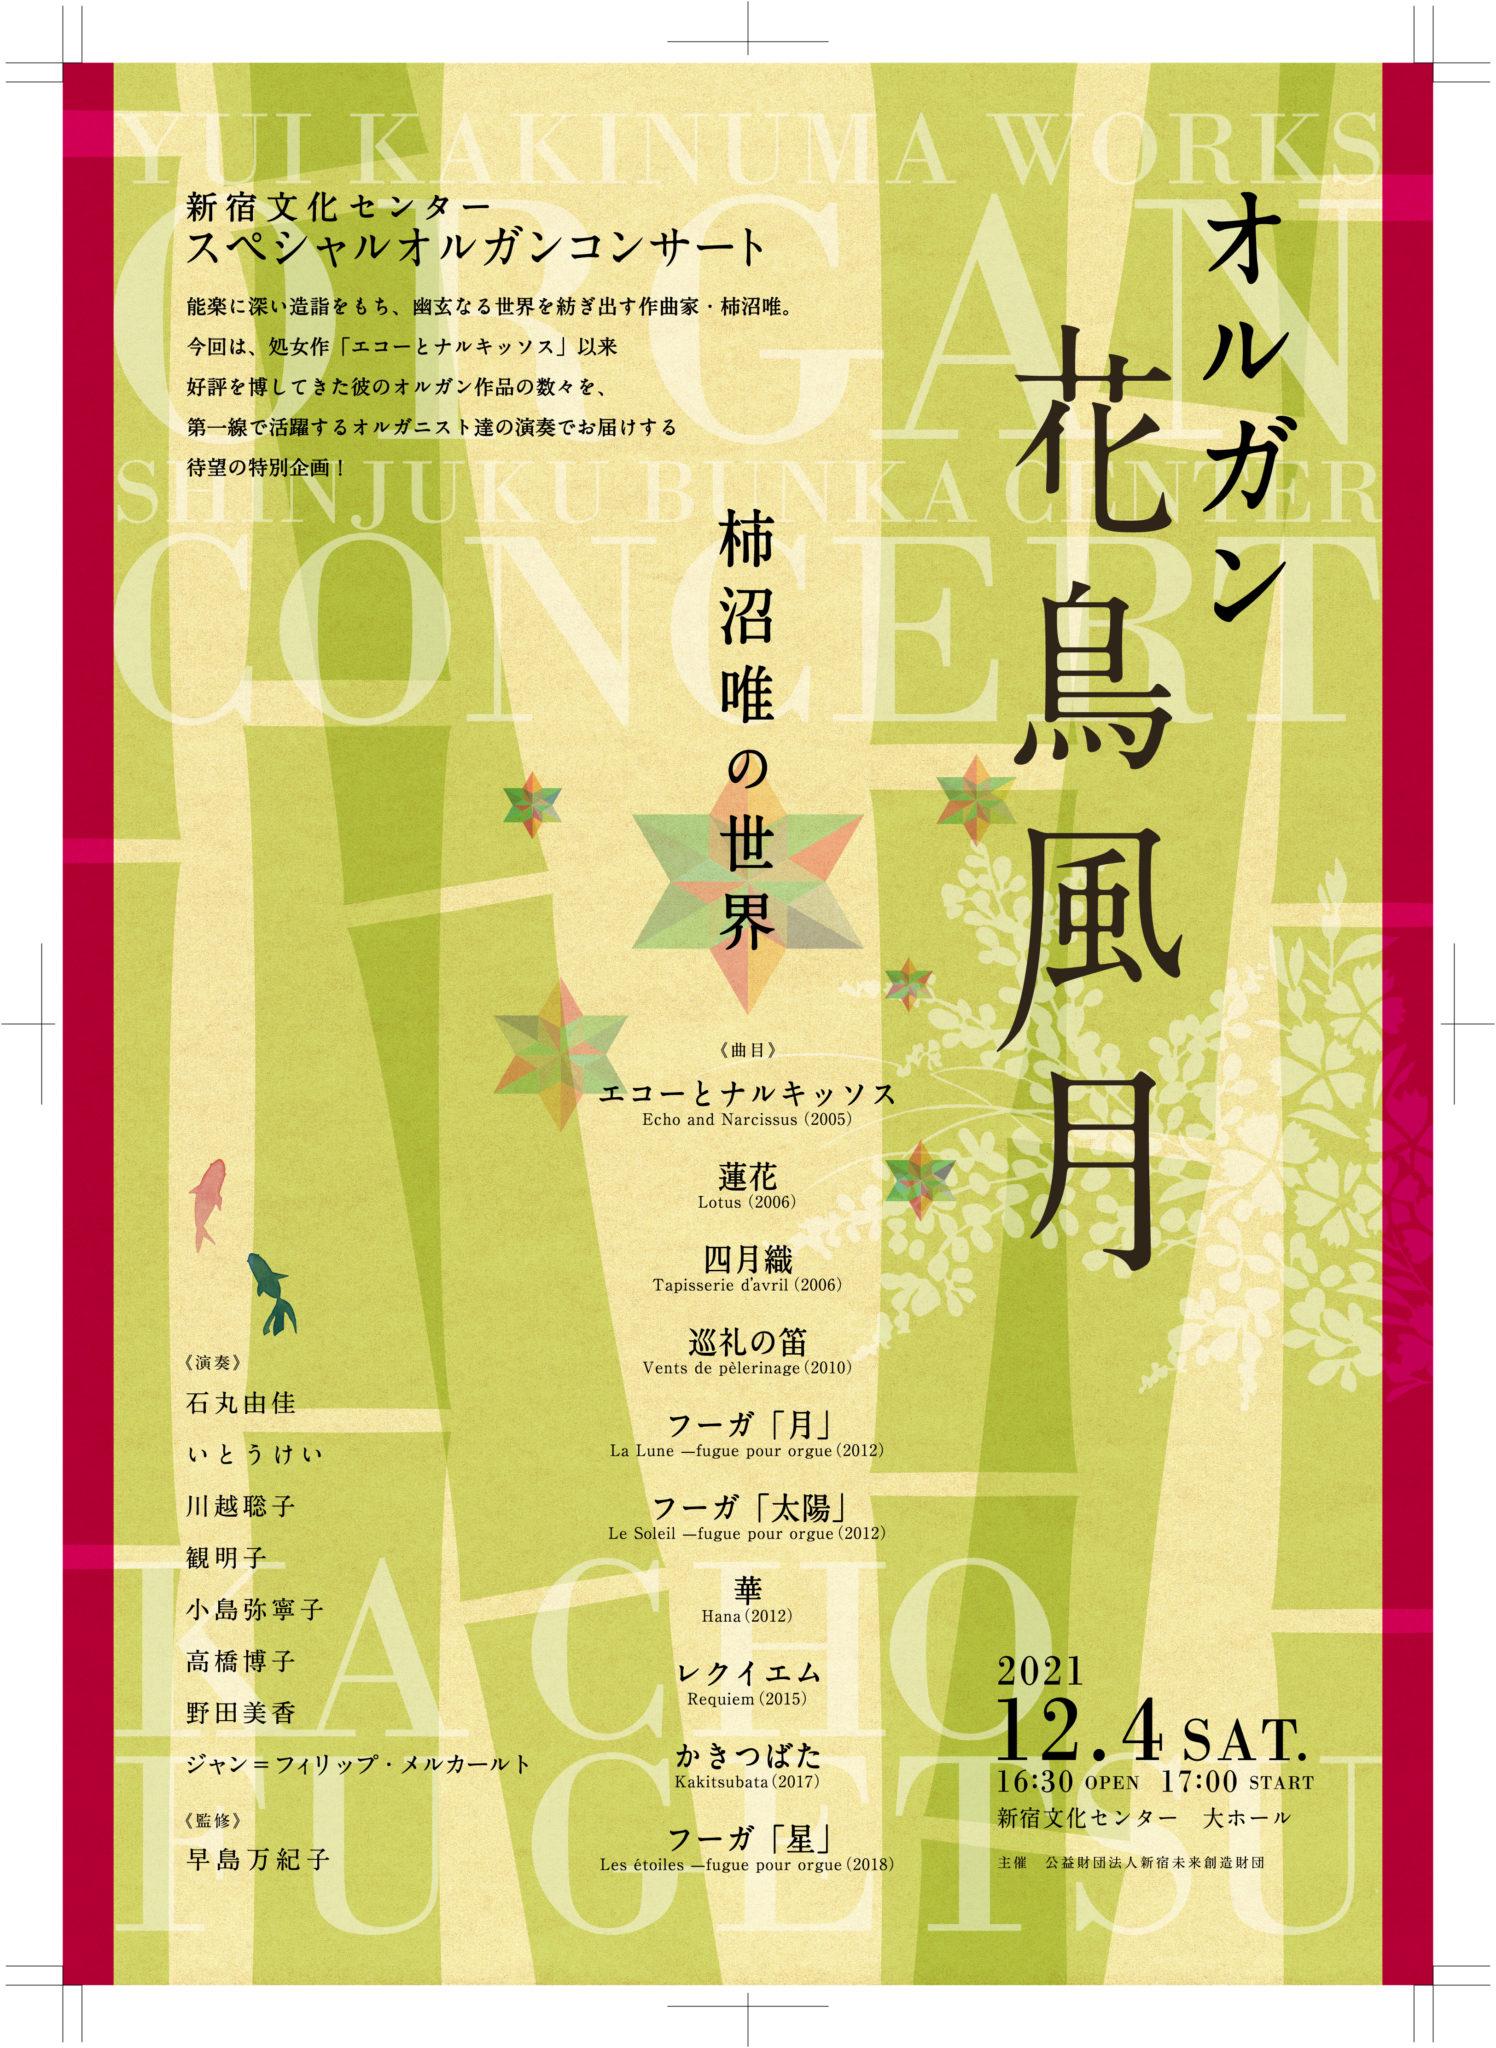 オルガン花鳥風月  ― 柿沼唯の世界  ―